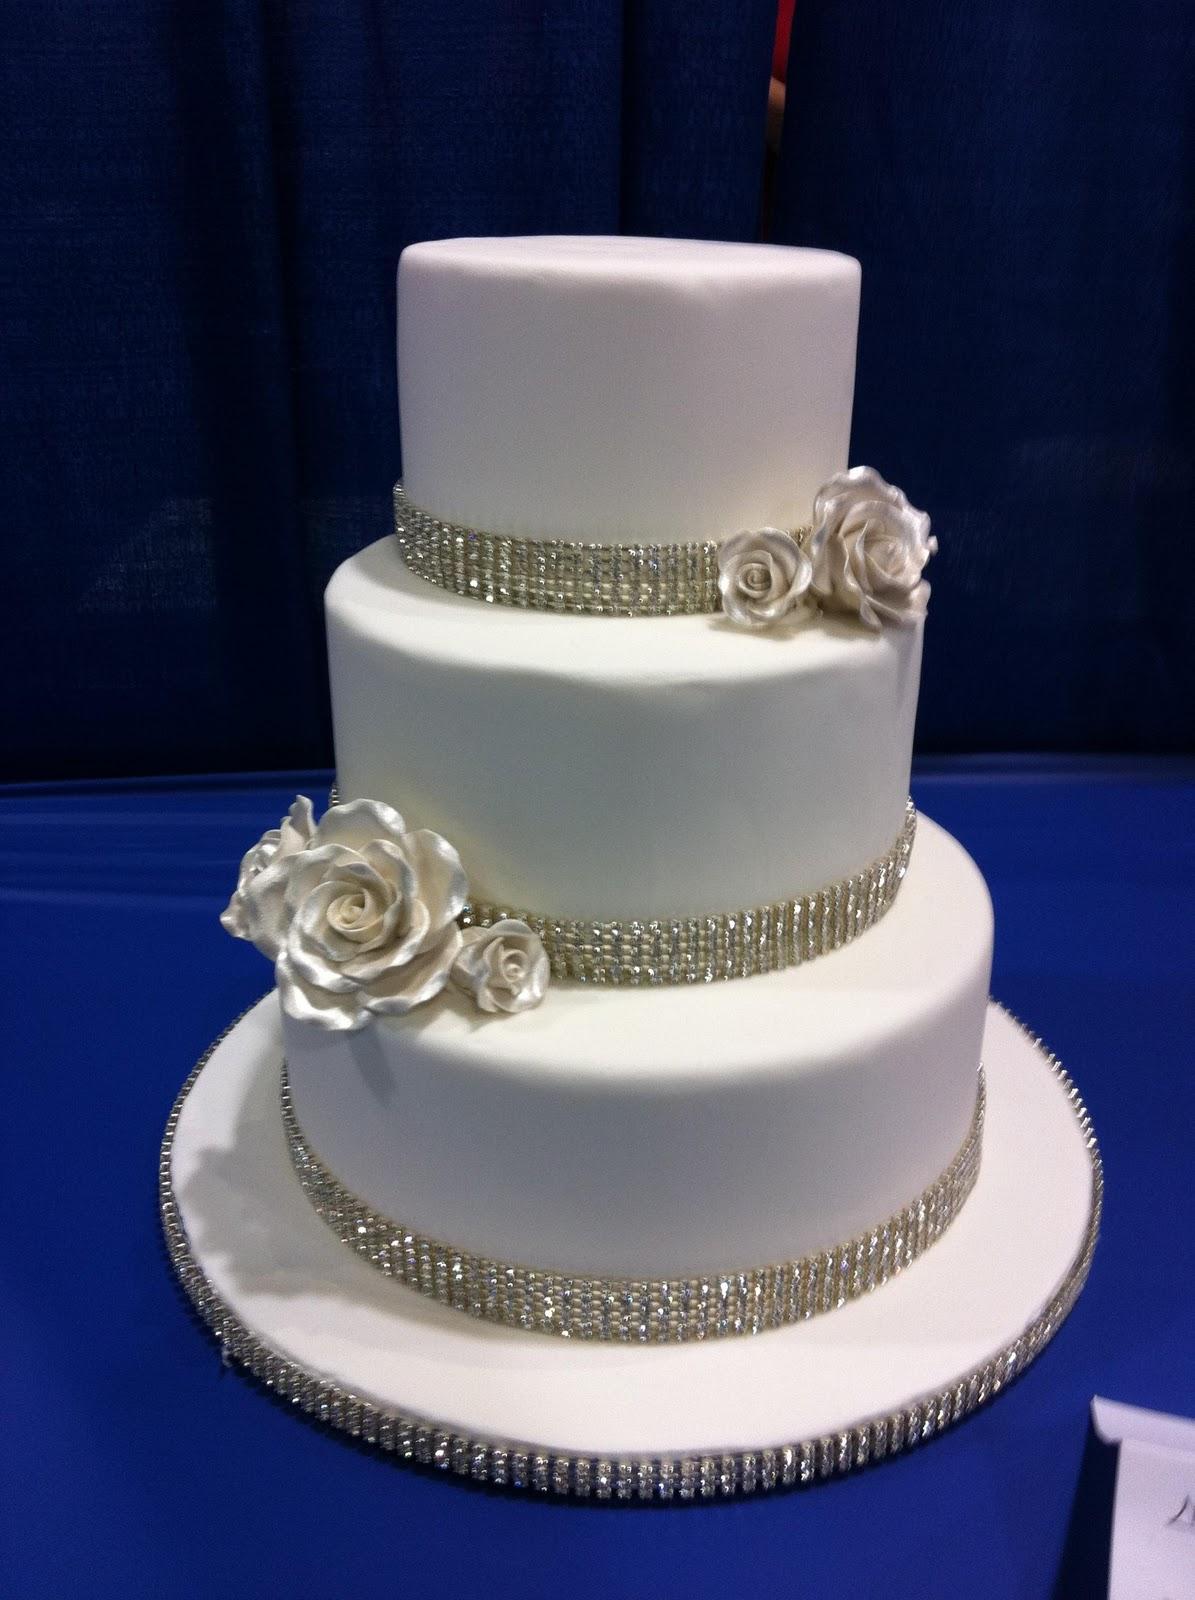 Orange and blue wedding cakes: